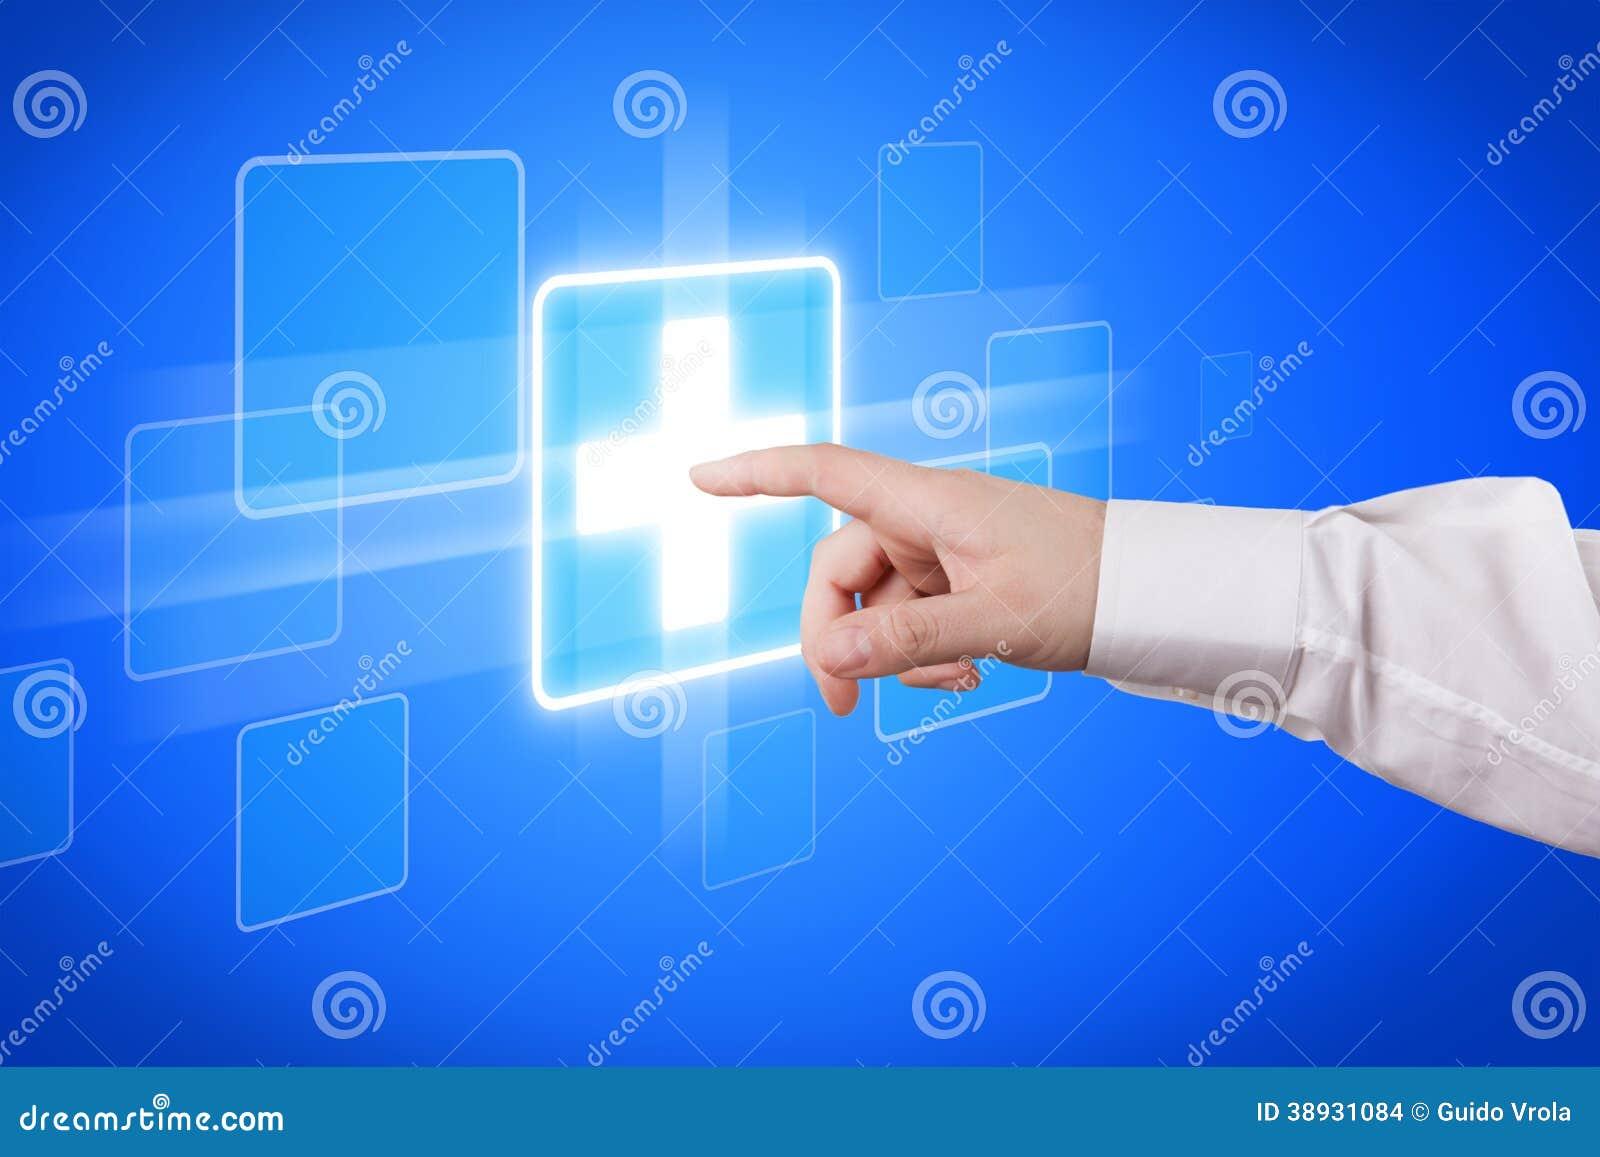 天津港物流�y�k��+_运转在未来派触摸屏幕显示的男性医生手.